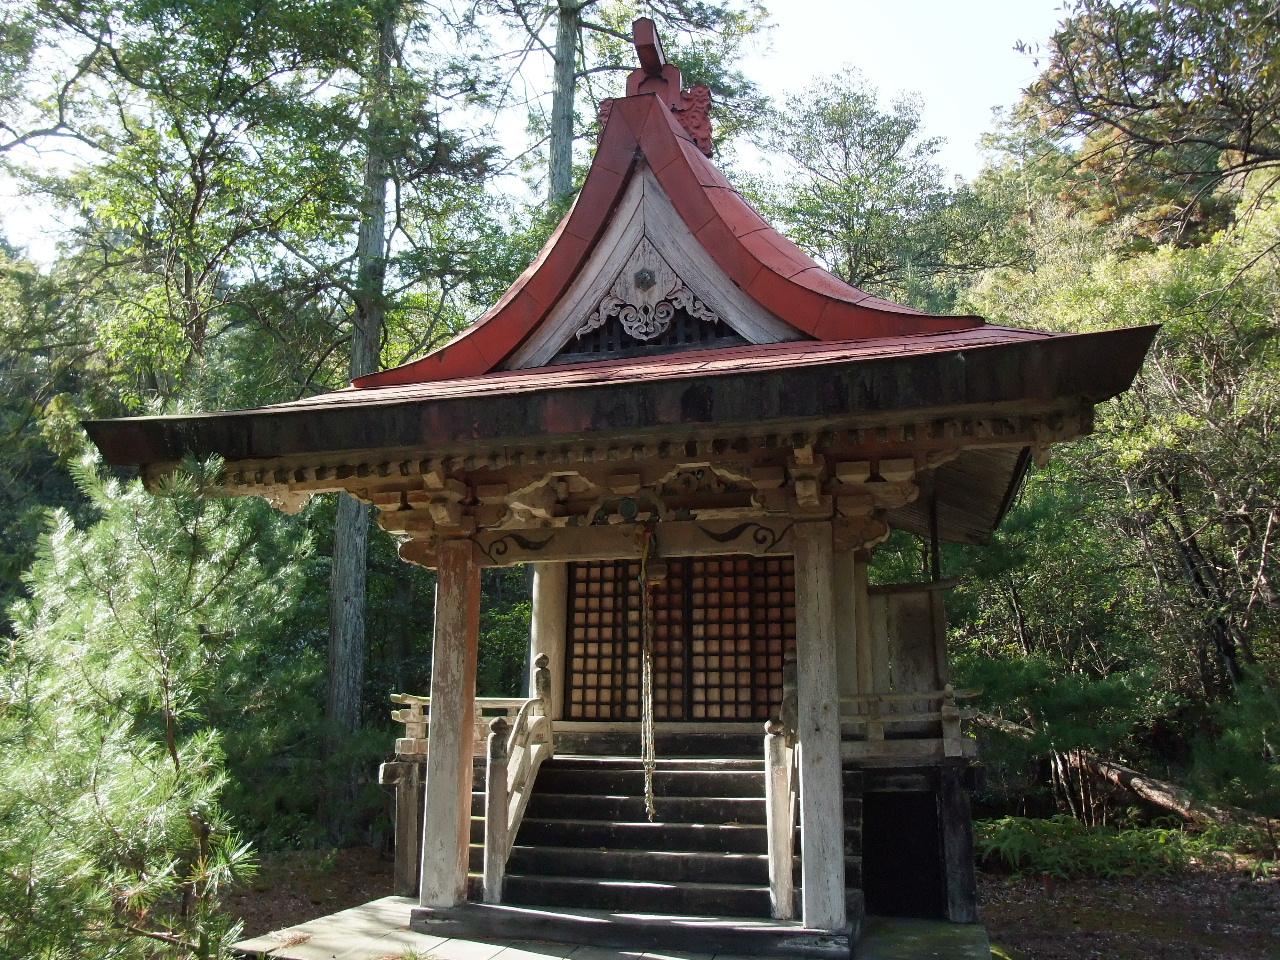 和 の 建 築 美 - いにしえ探訪 - [ 本 館 ] : 龍 泉 寺 弁 天 堂